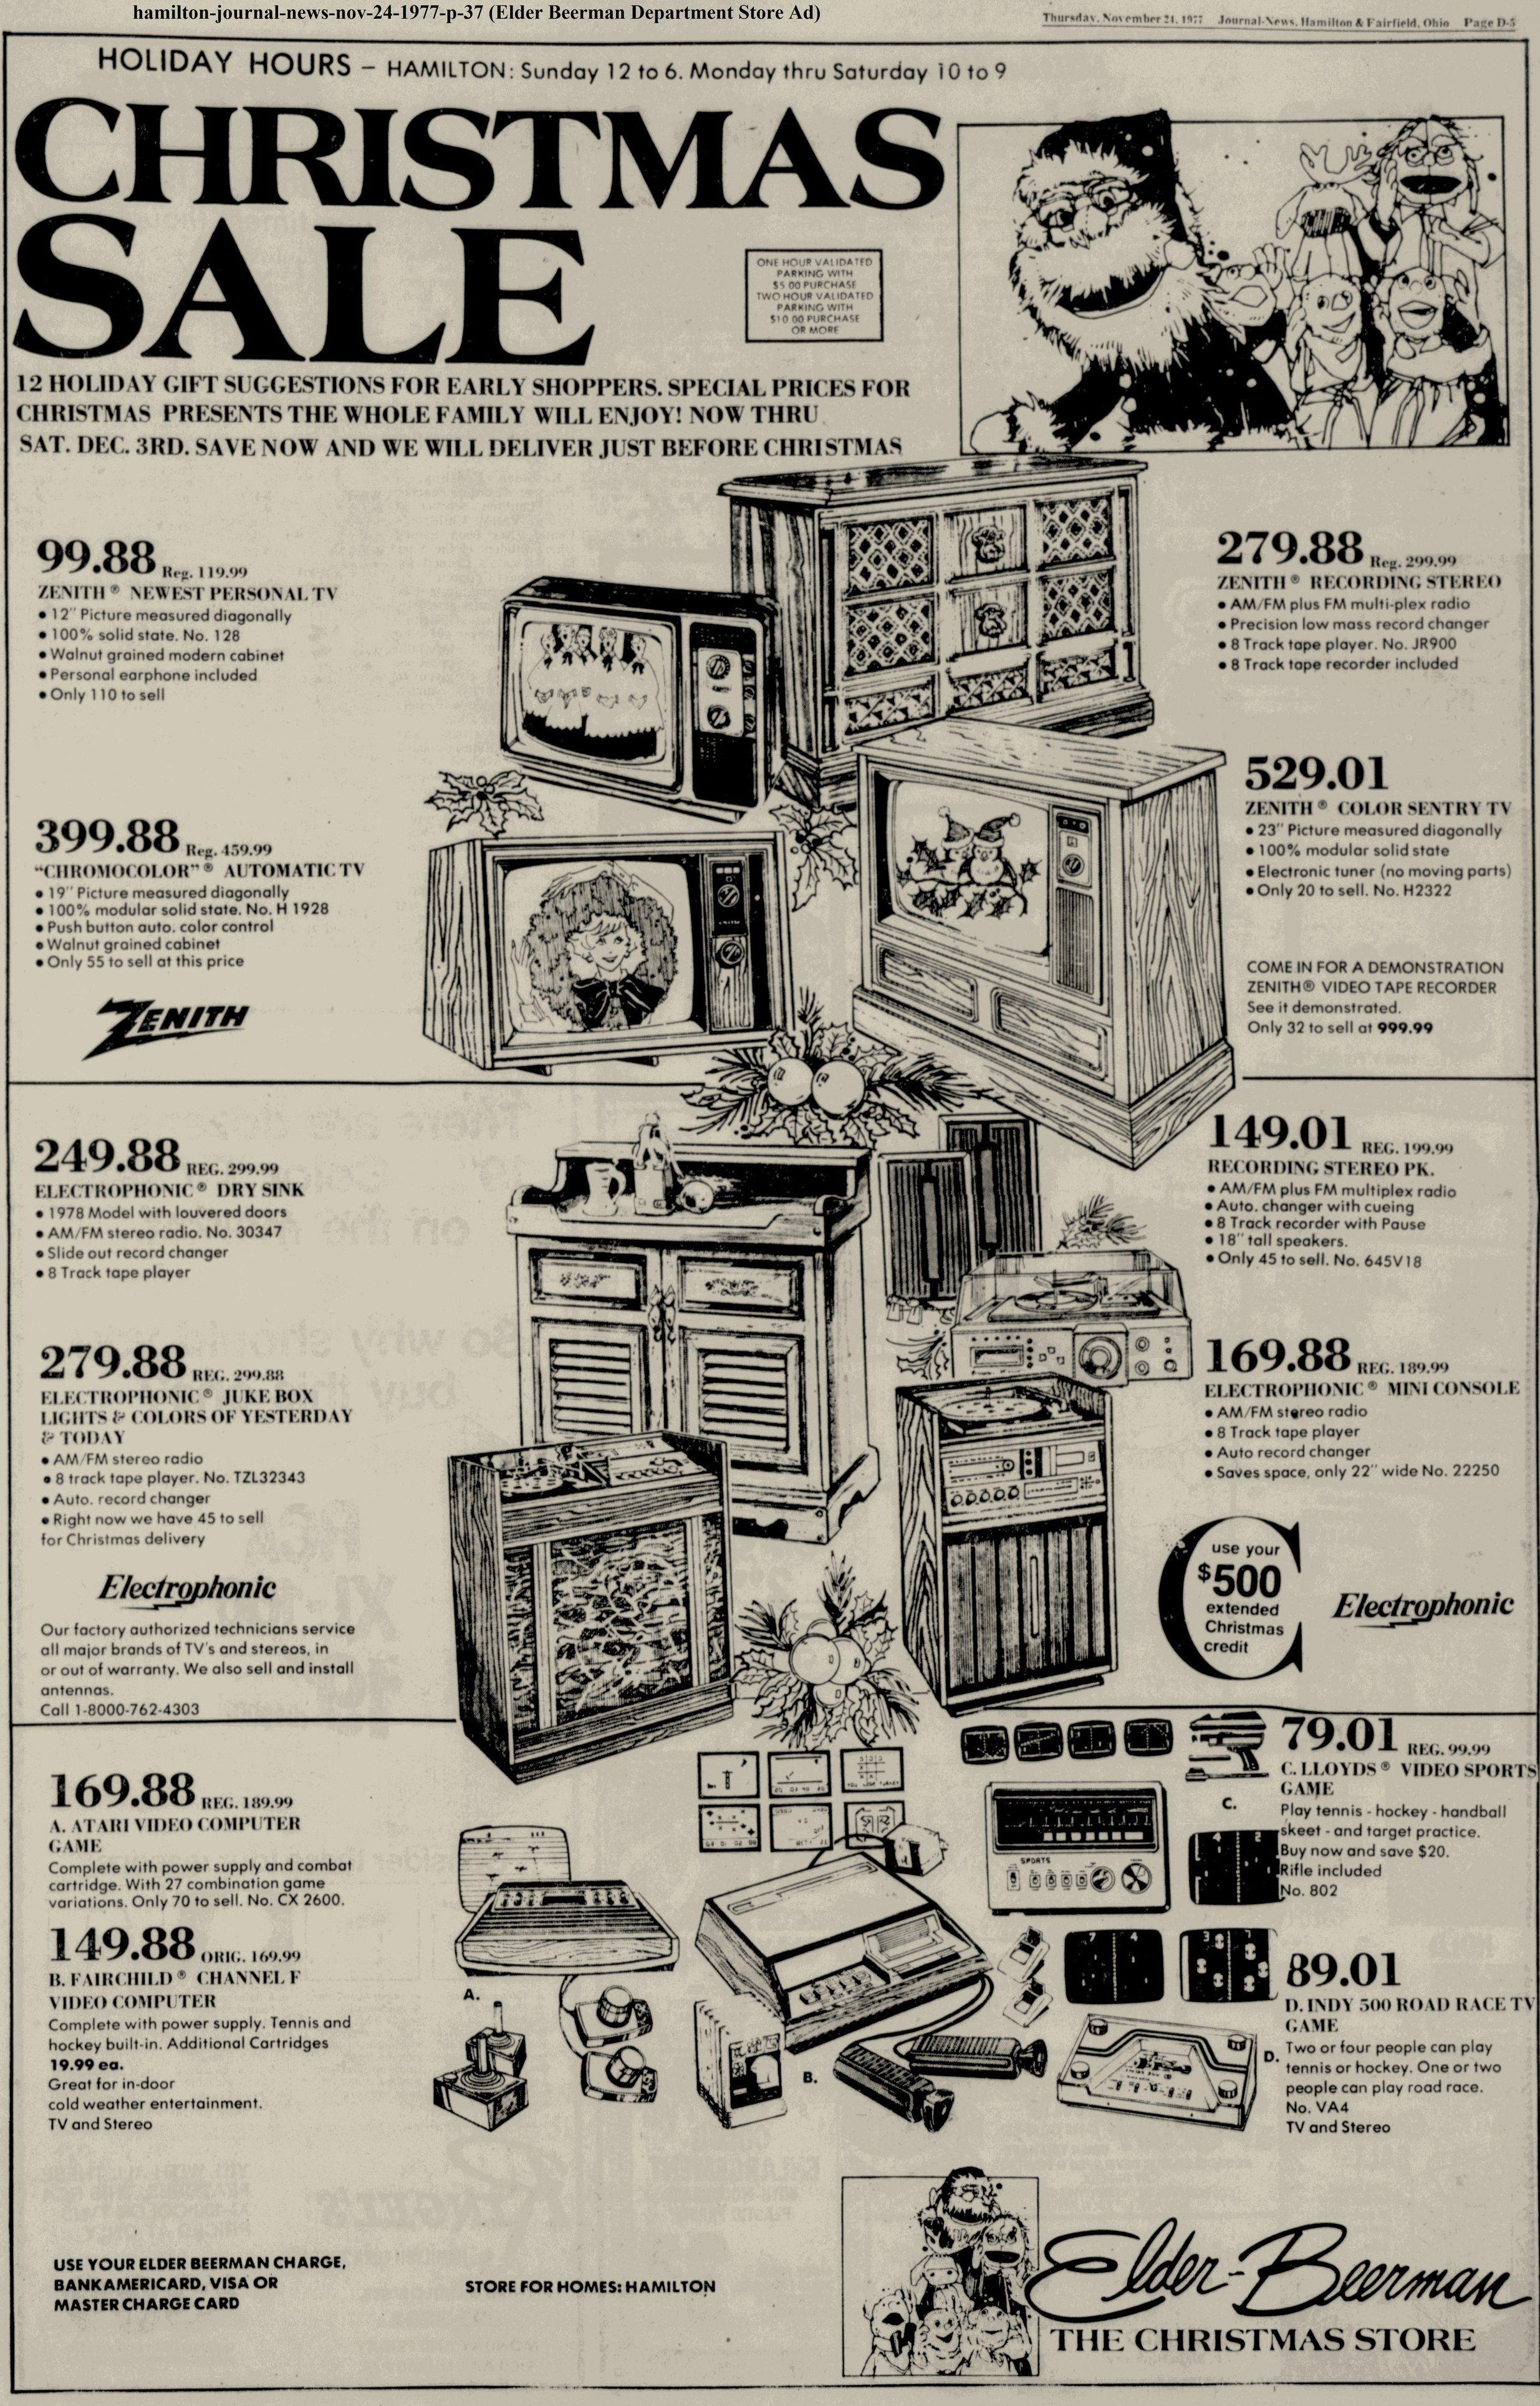 Elder Beerman department store ad in the Hamilton